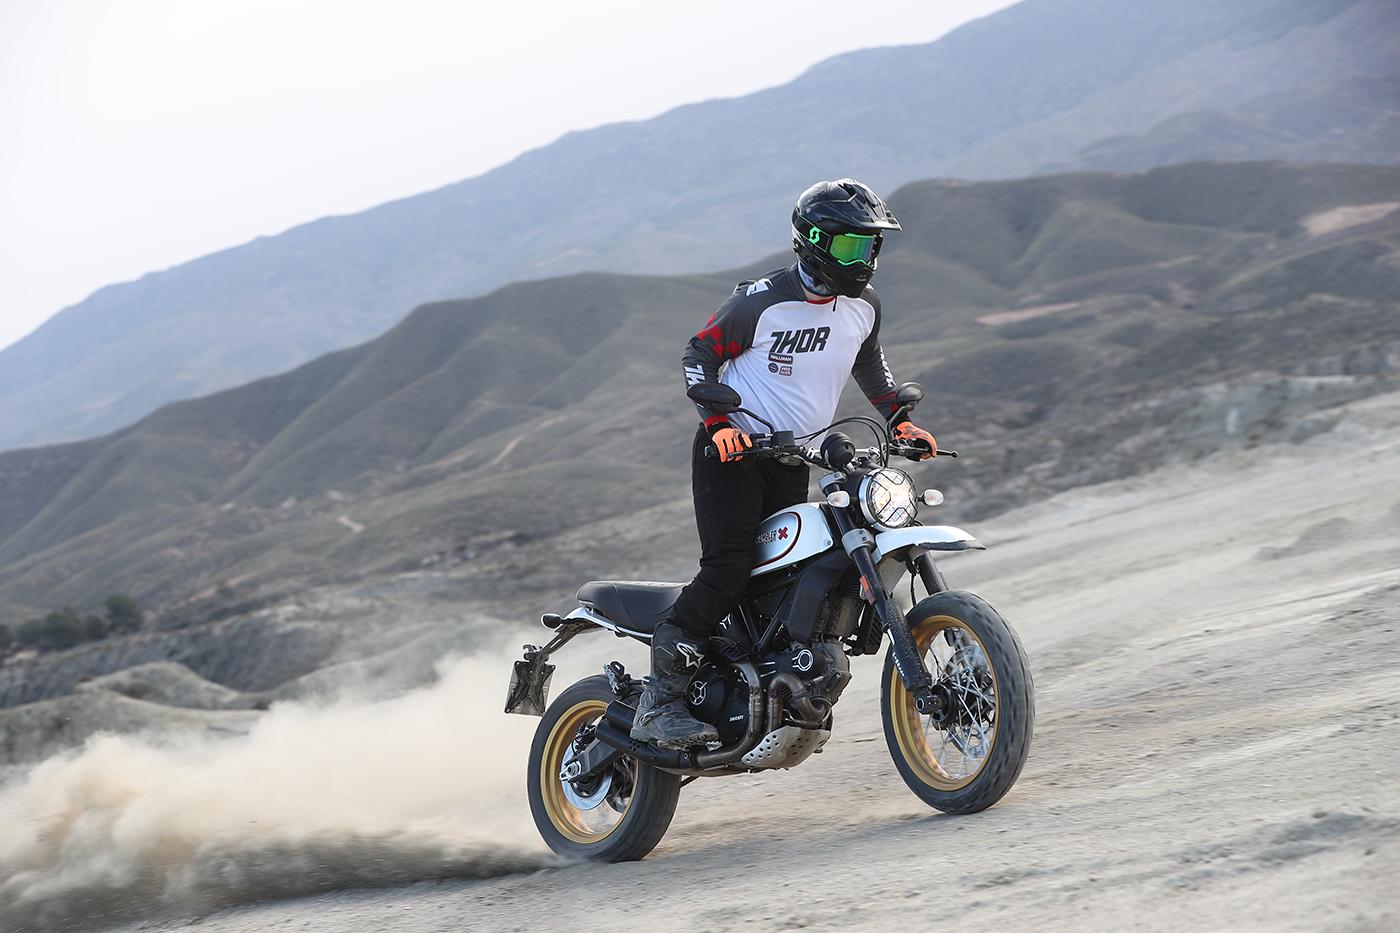 ducati scrambler desert sled review | visordown